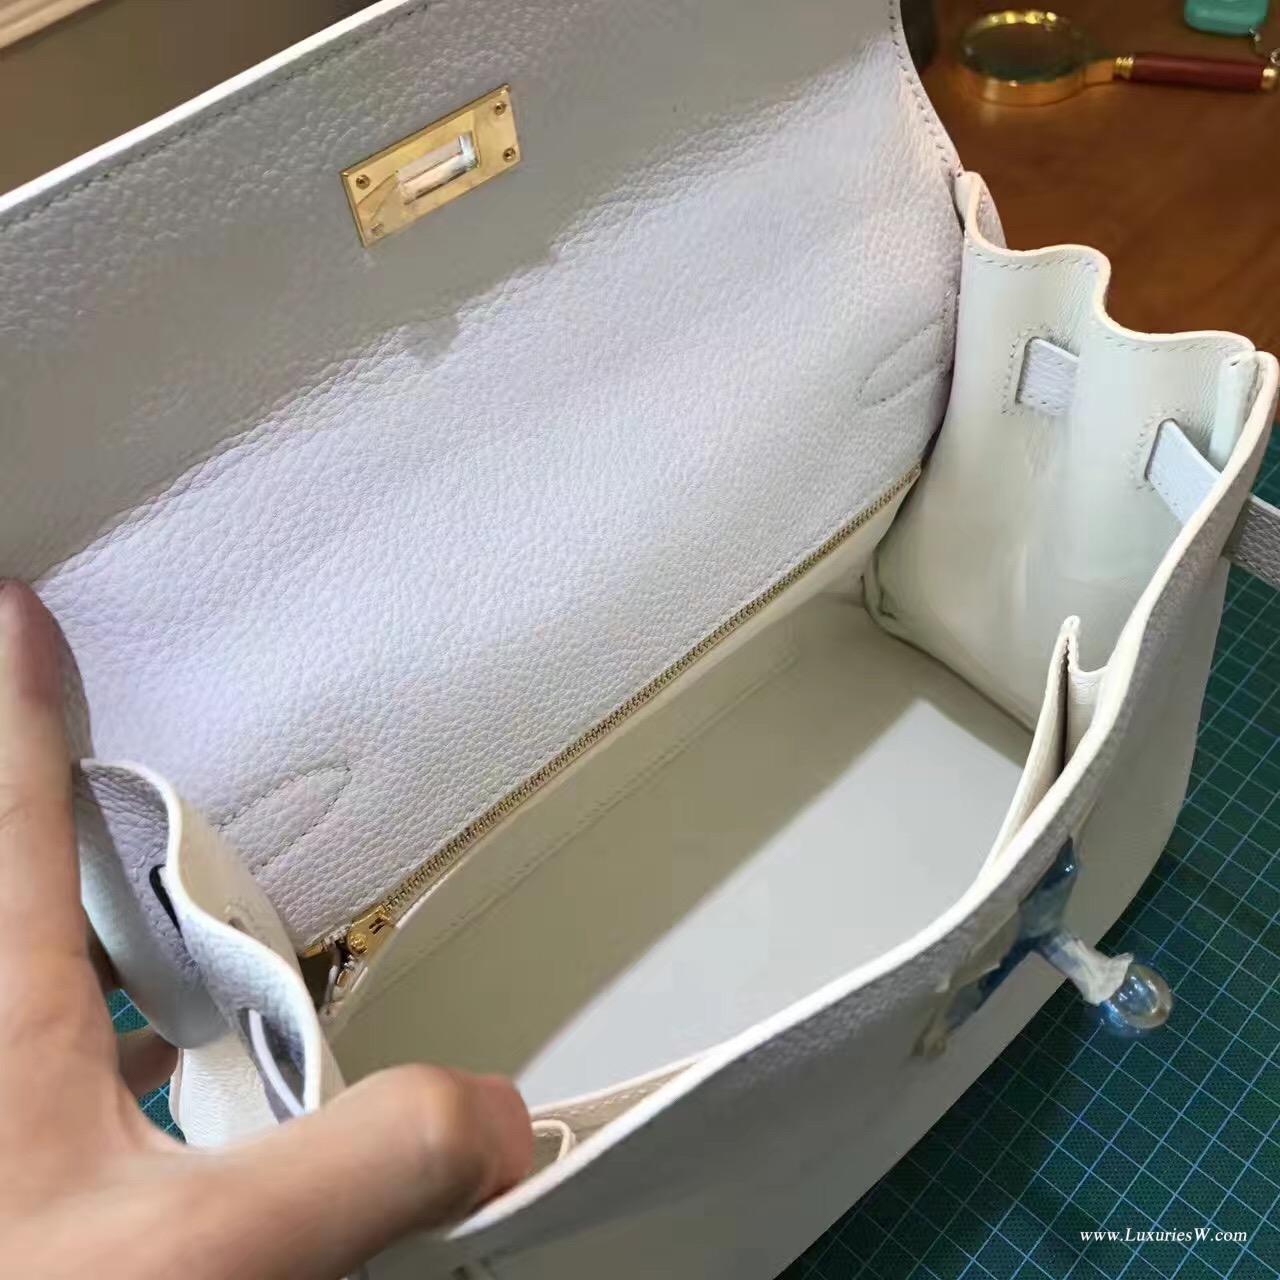 愛馬仕凱莉包 Kelly Bag 28cm togo Blanc 純白銀扣到貨